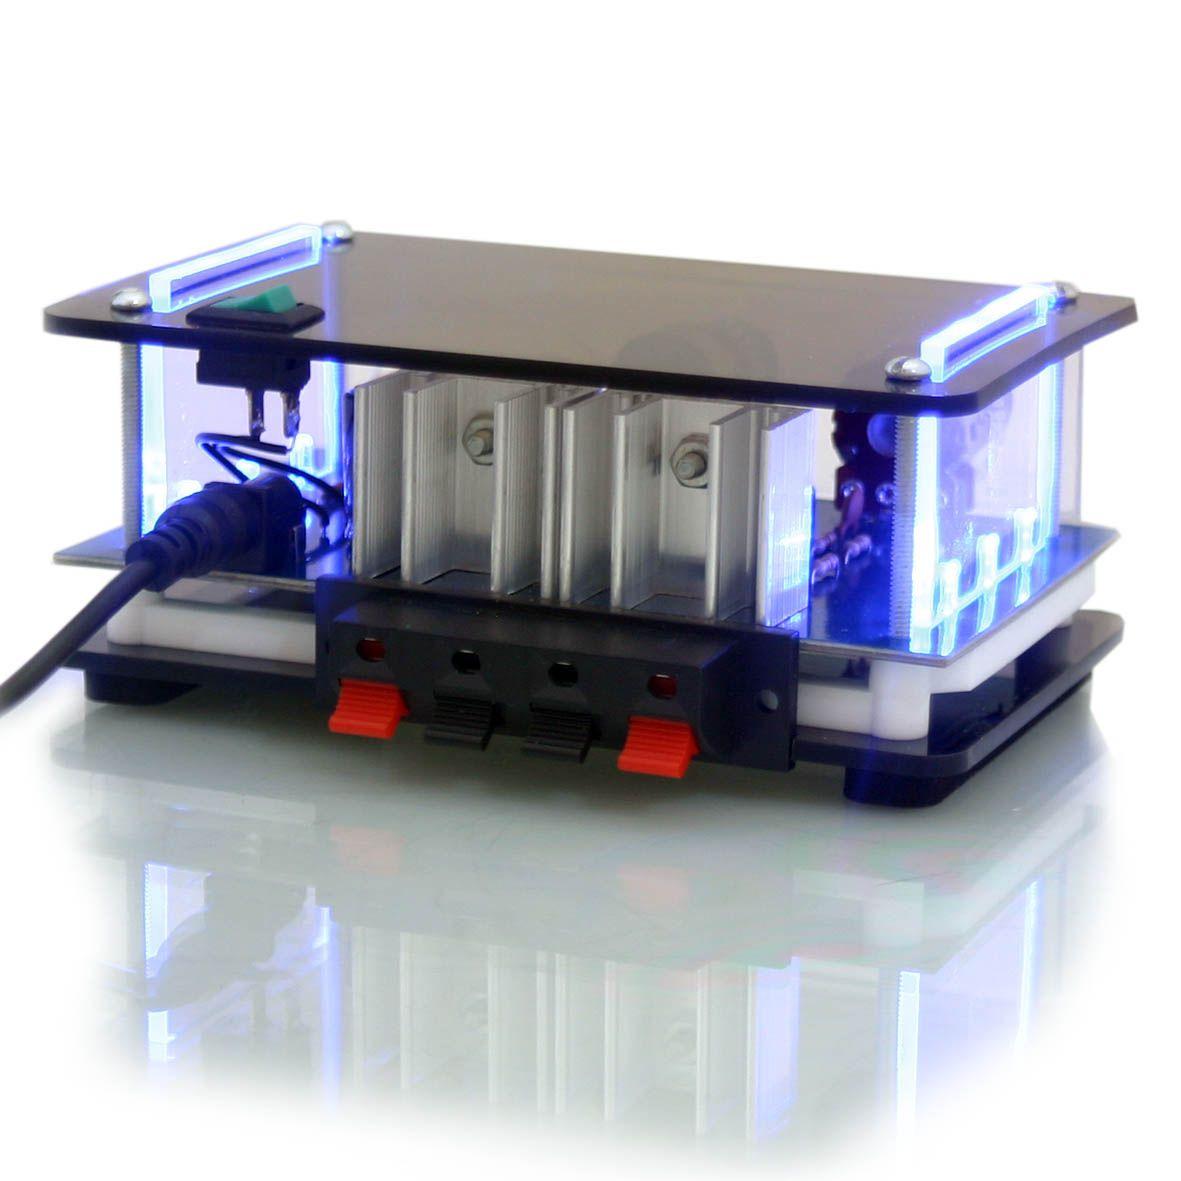 kit som ambiente mini amplificador estéreo e 2 arandelas quadradas de embutir